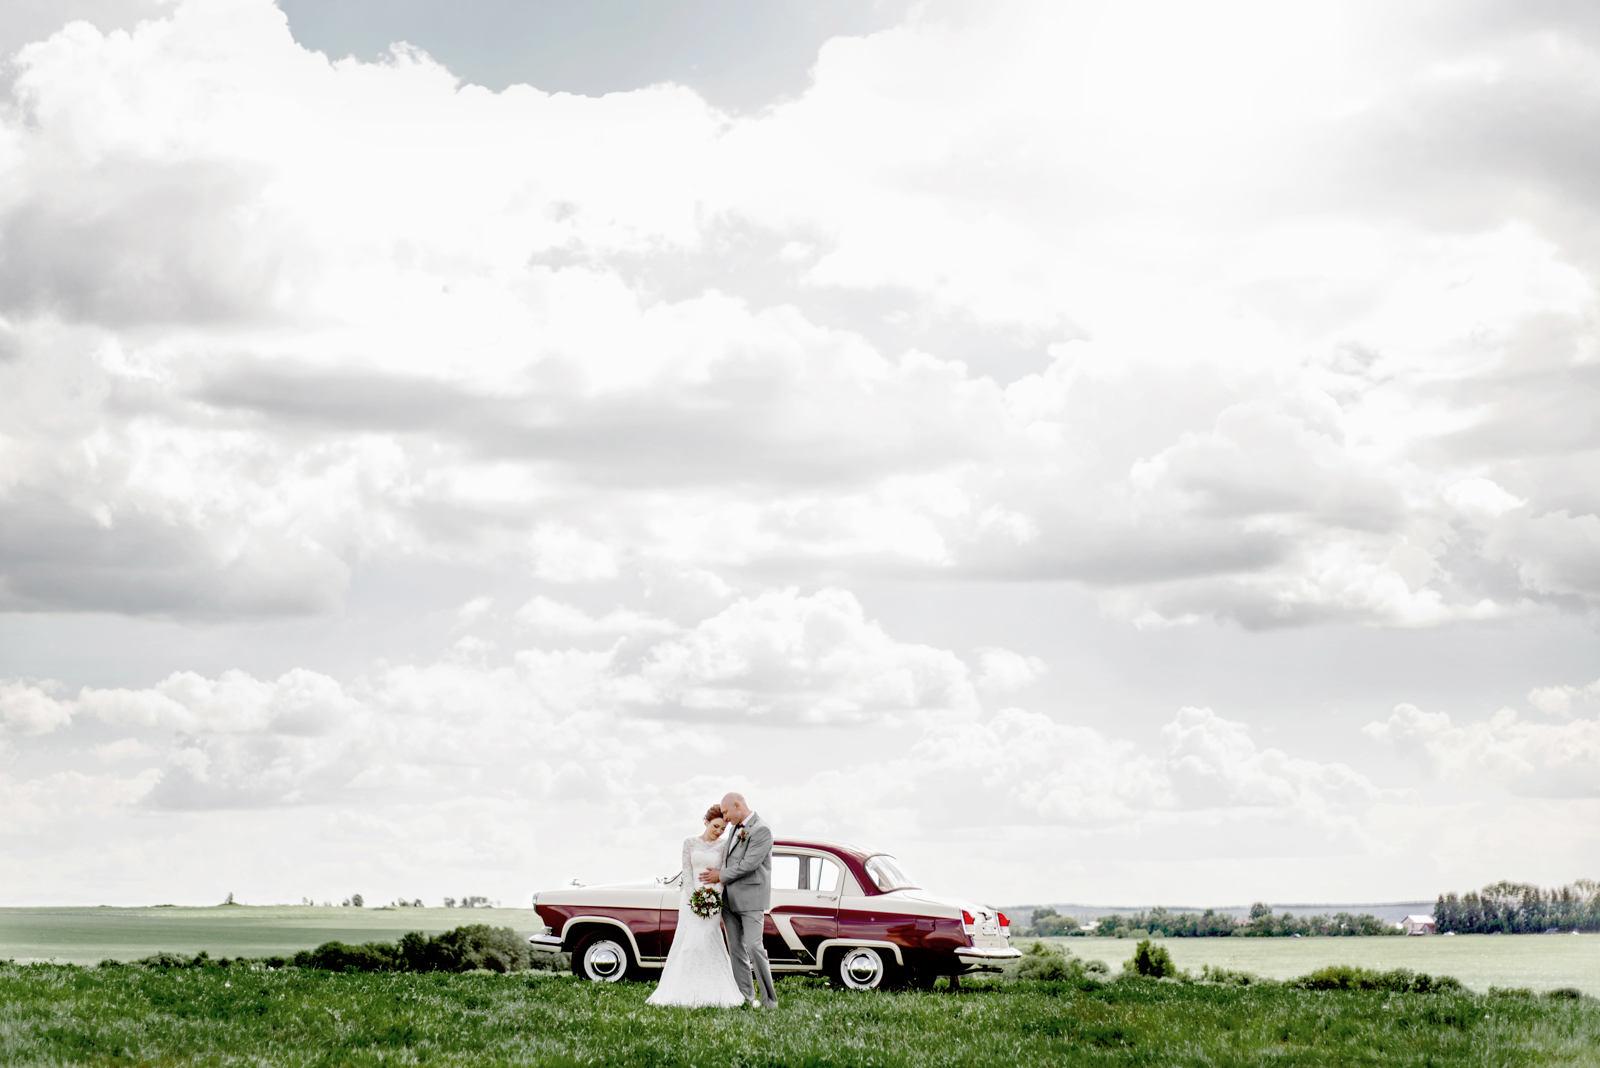 свадьба красная машина